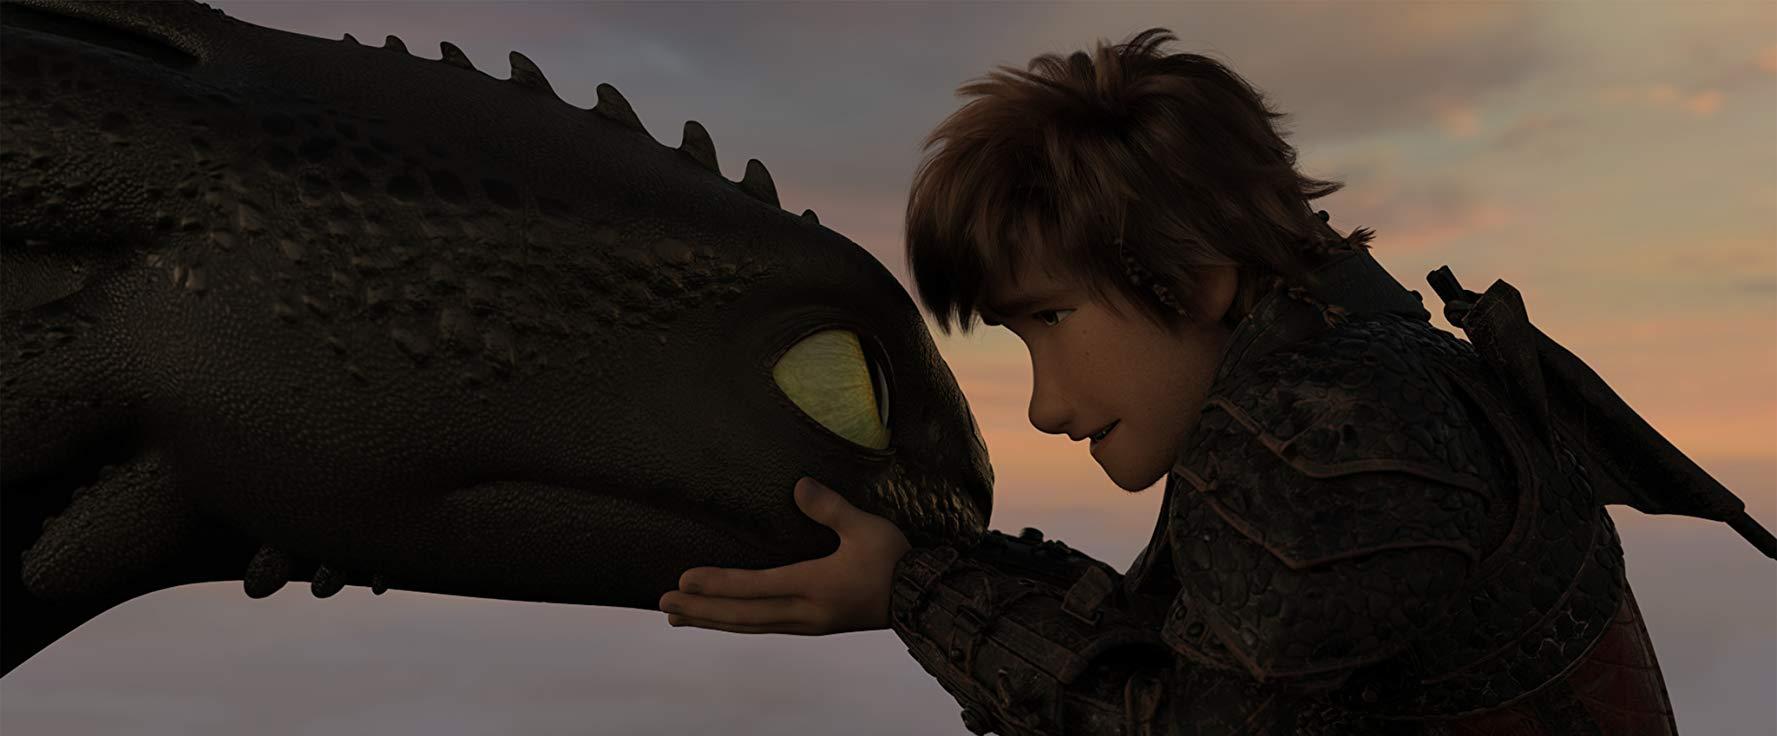 انیمیشن How To Train Your Dragon 3